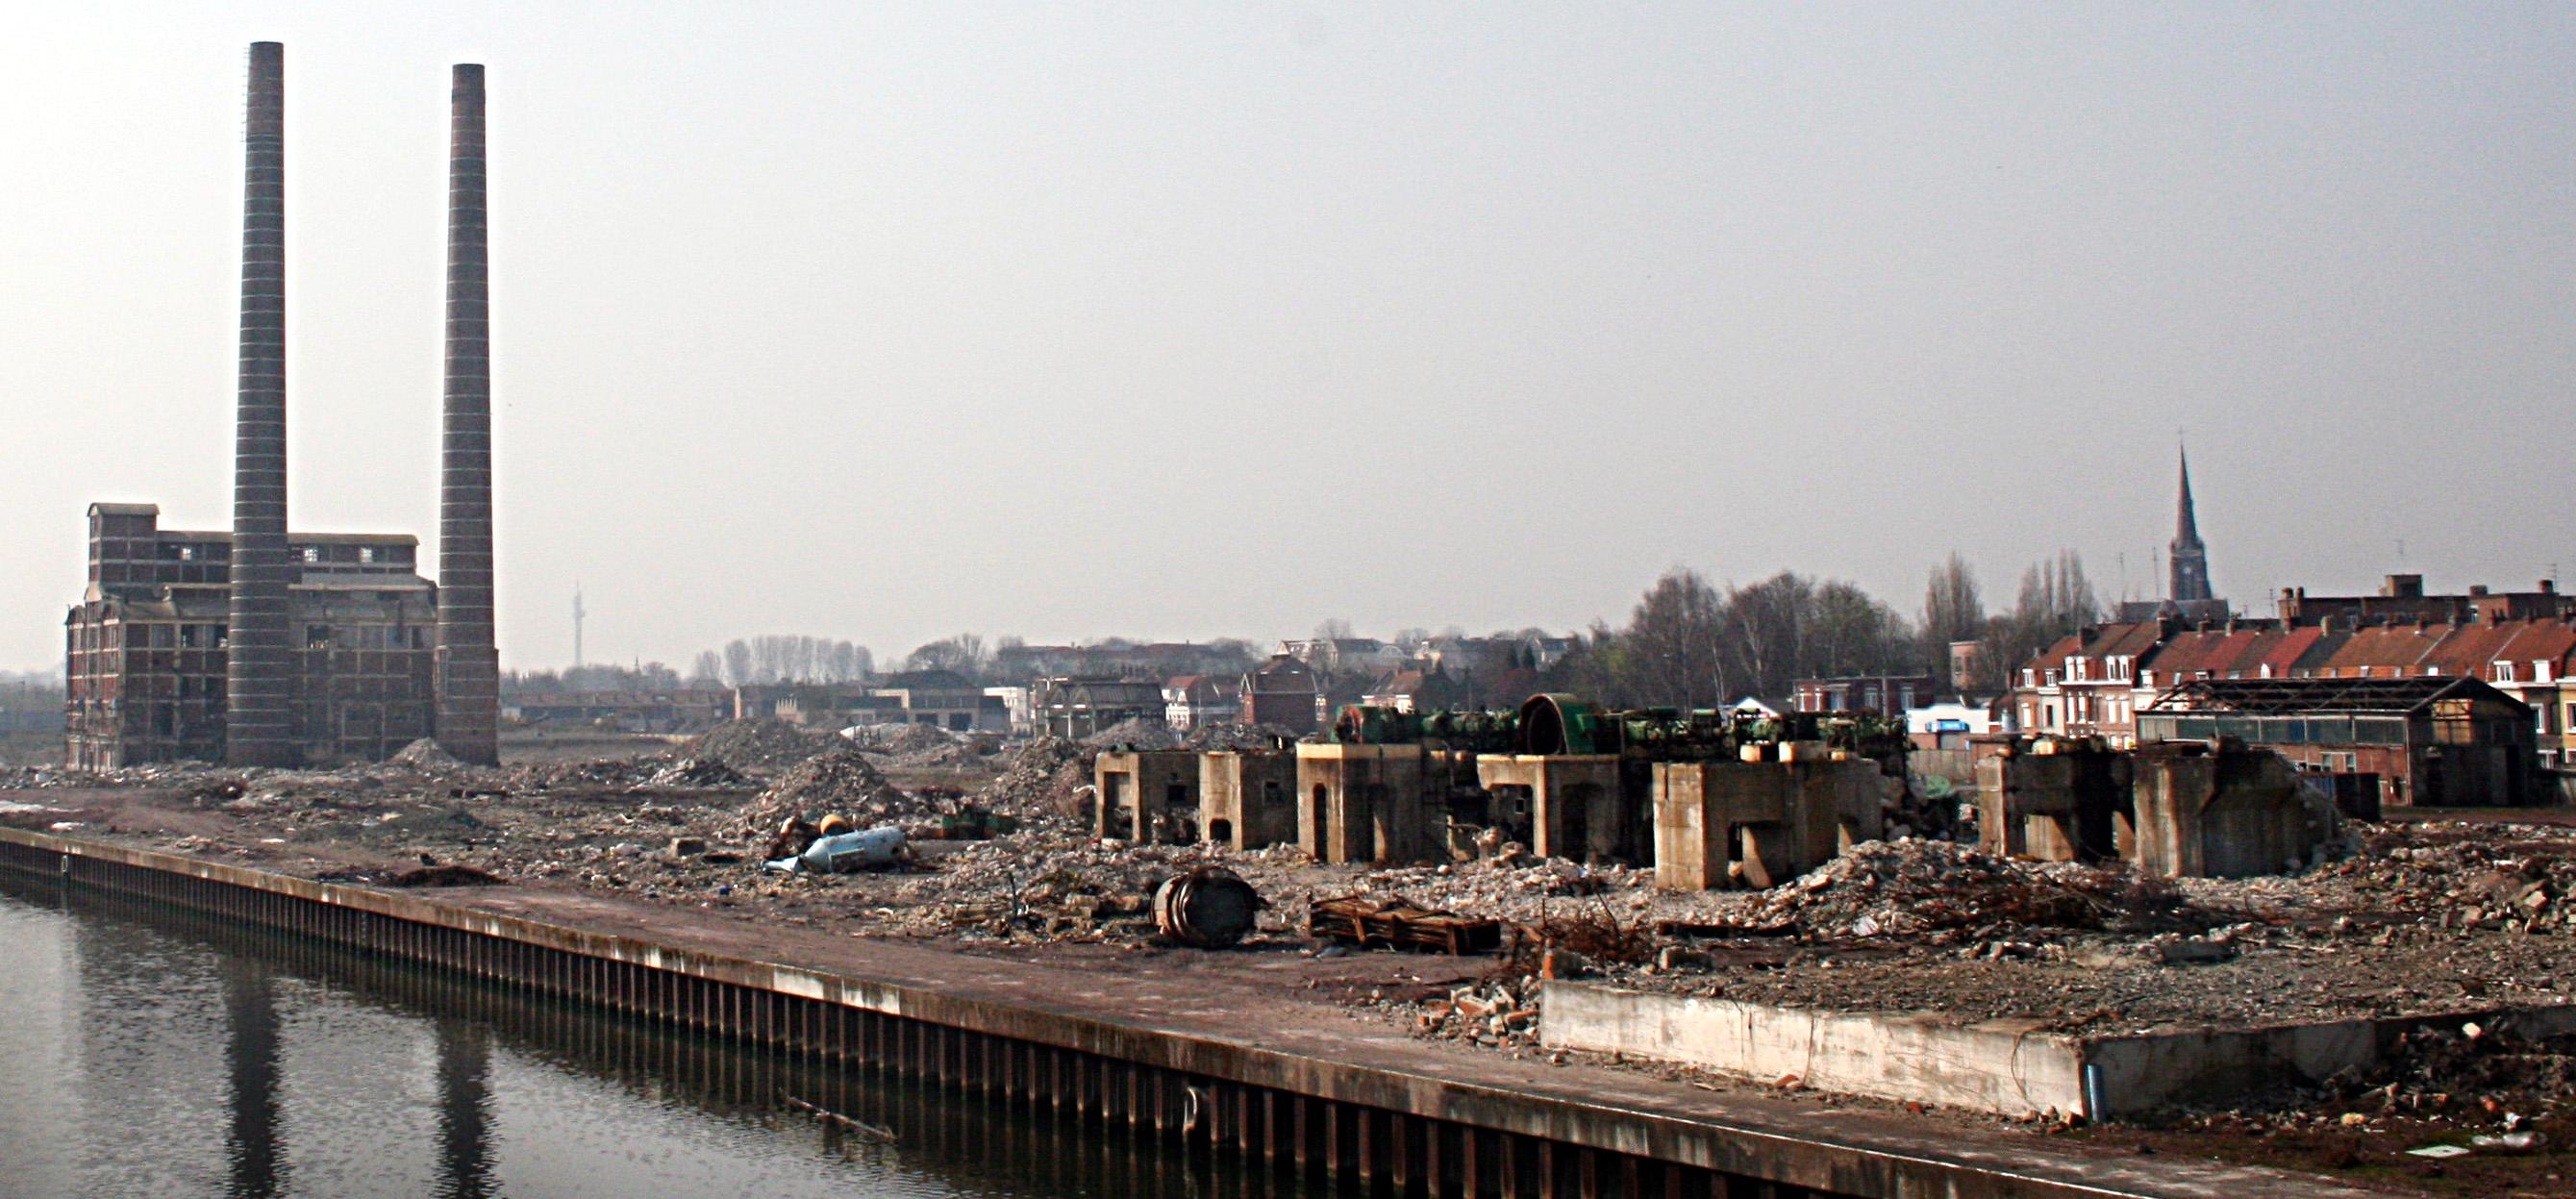 Friche_industrielle_Rhodia_canal_de_la_Deûle_Saint-André-lez-Lille2007